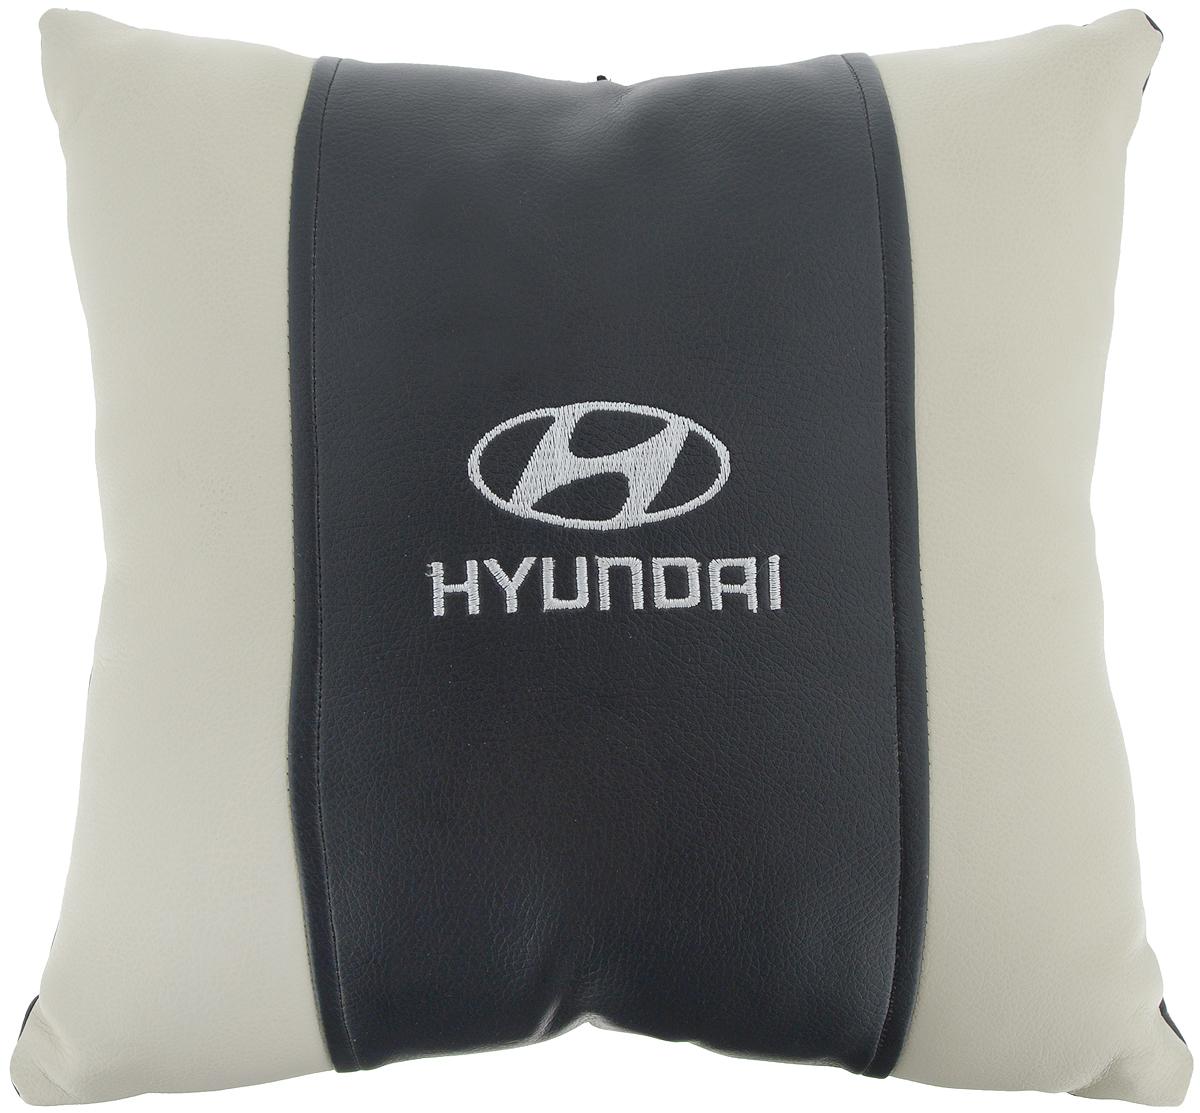 Подушка на сиденье Autoparts Hyundai, 30 х 30 смМ048Подушка на сиденье Autoparts Hyundai создана для тех, кто весь свой день вынужден проводить за рулем. Чехол выполнен из высококачественной дышащей экокожи. Наполнителем служит холлофайбер. На задней части подушки имеется змейка. Особенности подушки: - Хорошо проветривается. - Предупреждает потение. - Поддерживает комфортную температуру. - Обминается по форме тела. - Улучшает кровообращение. - Исключает затечные явления. - Предупреждает развитие заболеваний, связанных с сидячим образом жизни. Подушка также будет полезна и дома - при работе за компьютером, школьникам - при выполнении домашних работ, да и в любимом кресле перед телевизором.